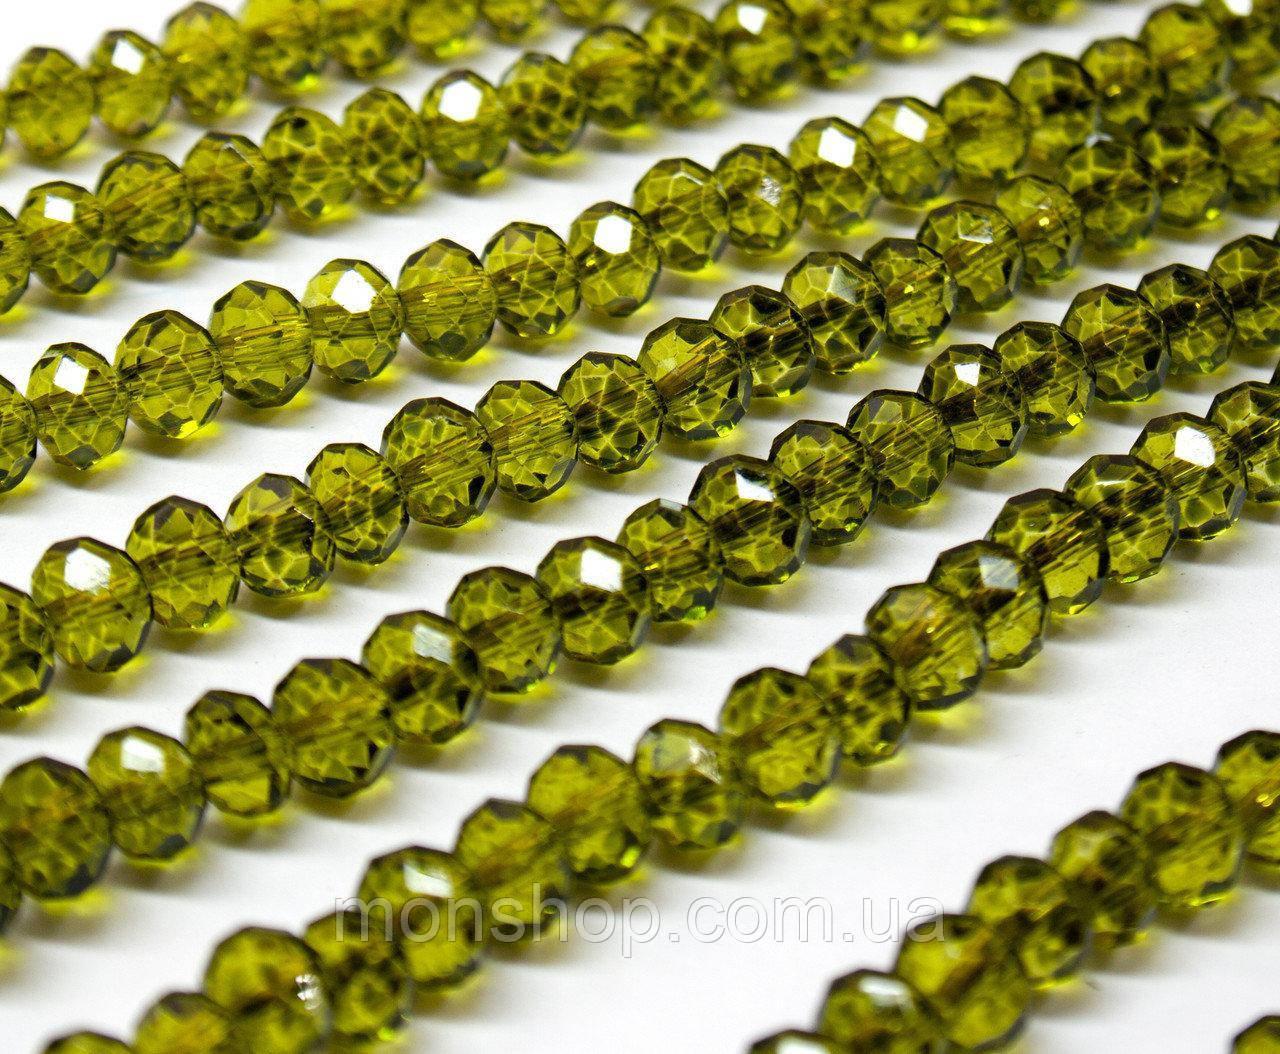 Кришталеві намистини (Рондель) 6х4мм, колір - оливковий прозорий глянець